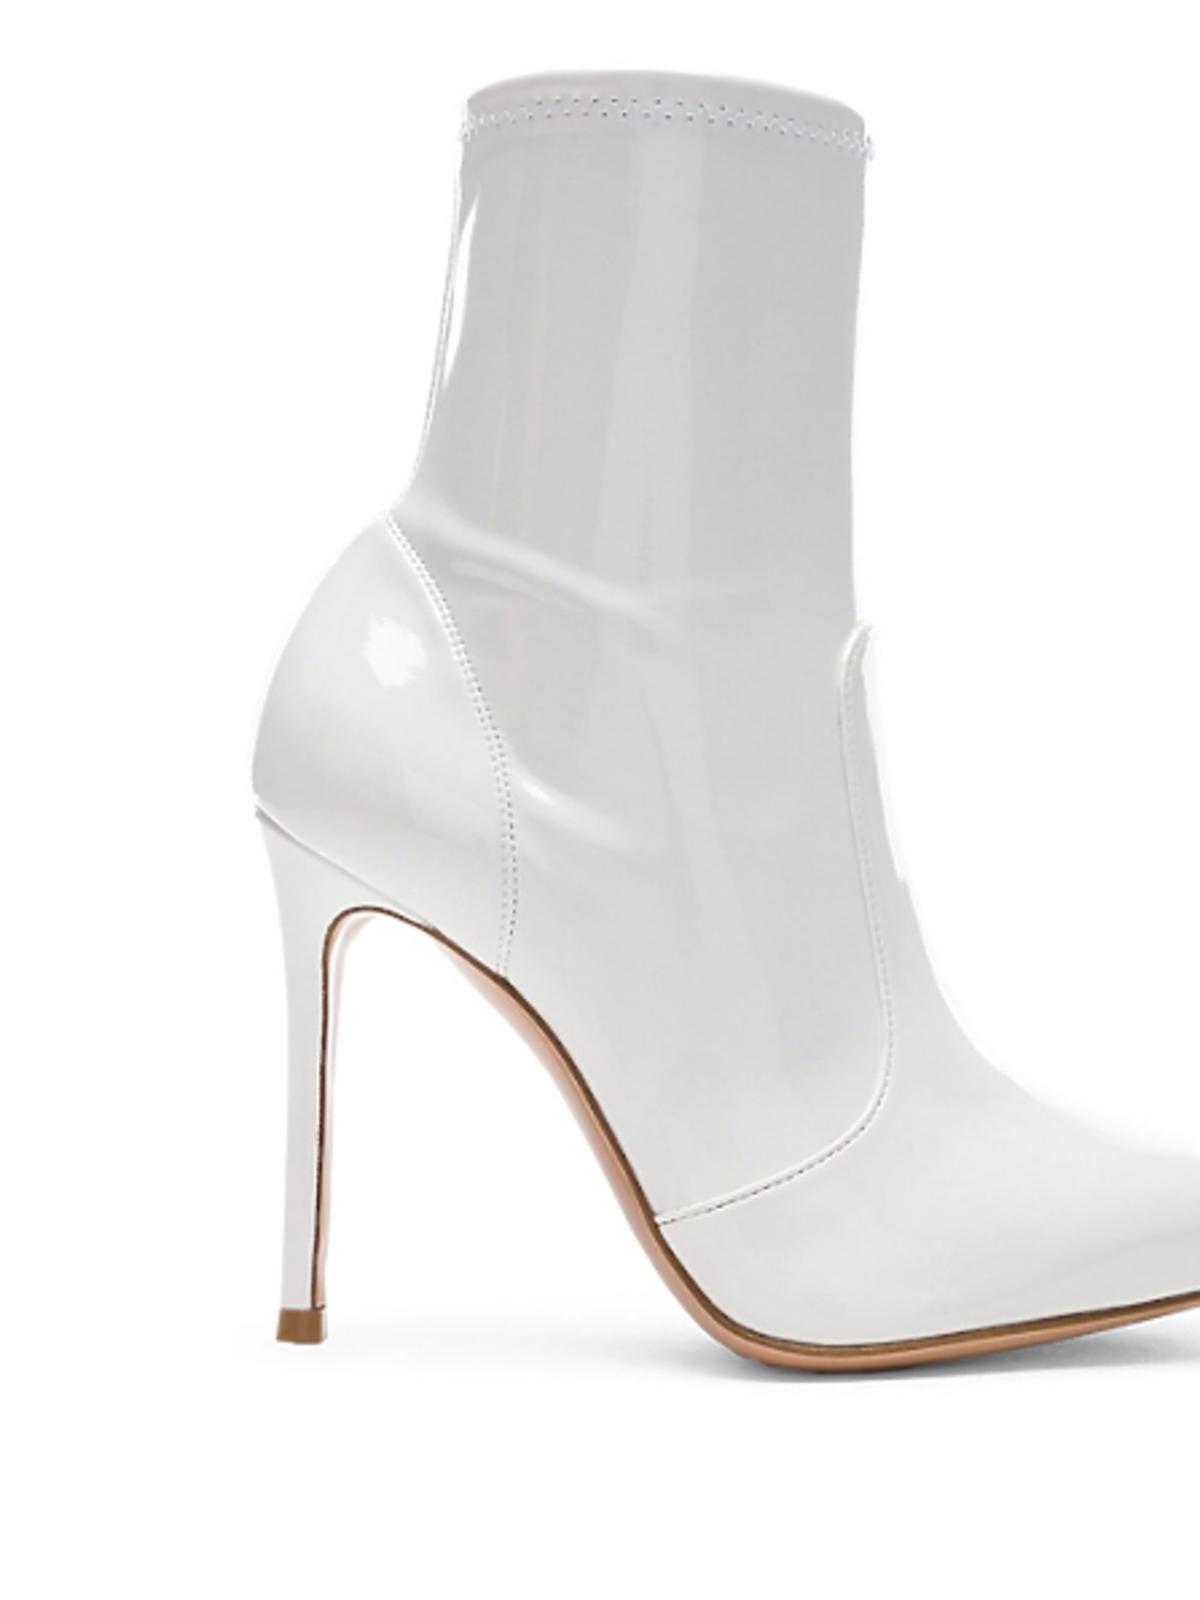 Białe botki na szpilce w stylu Marceliny Zawadzkiej